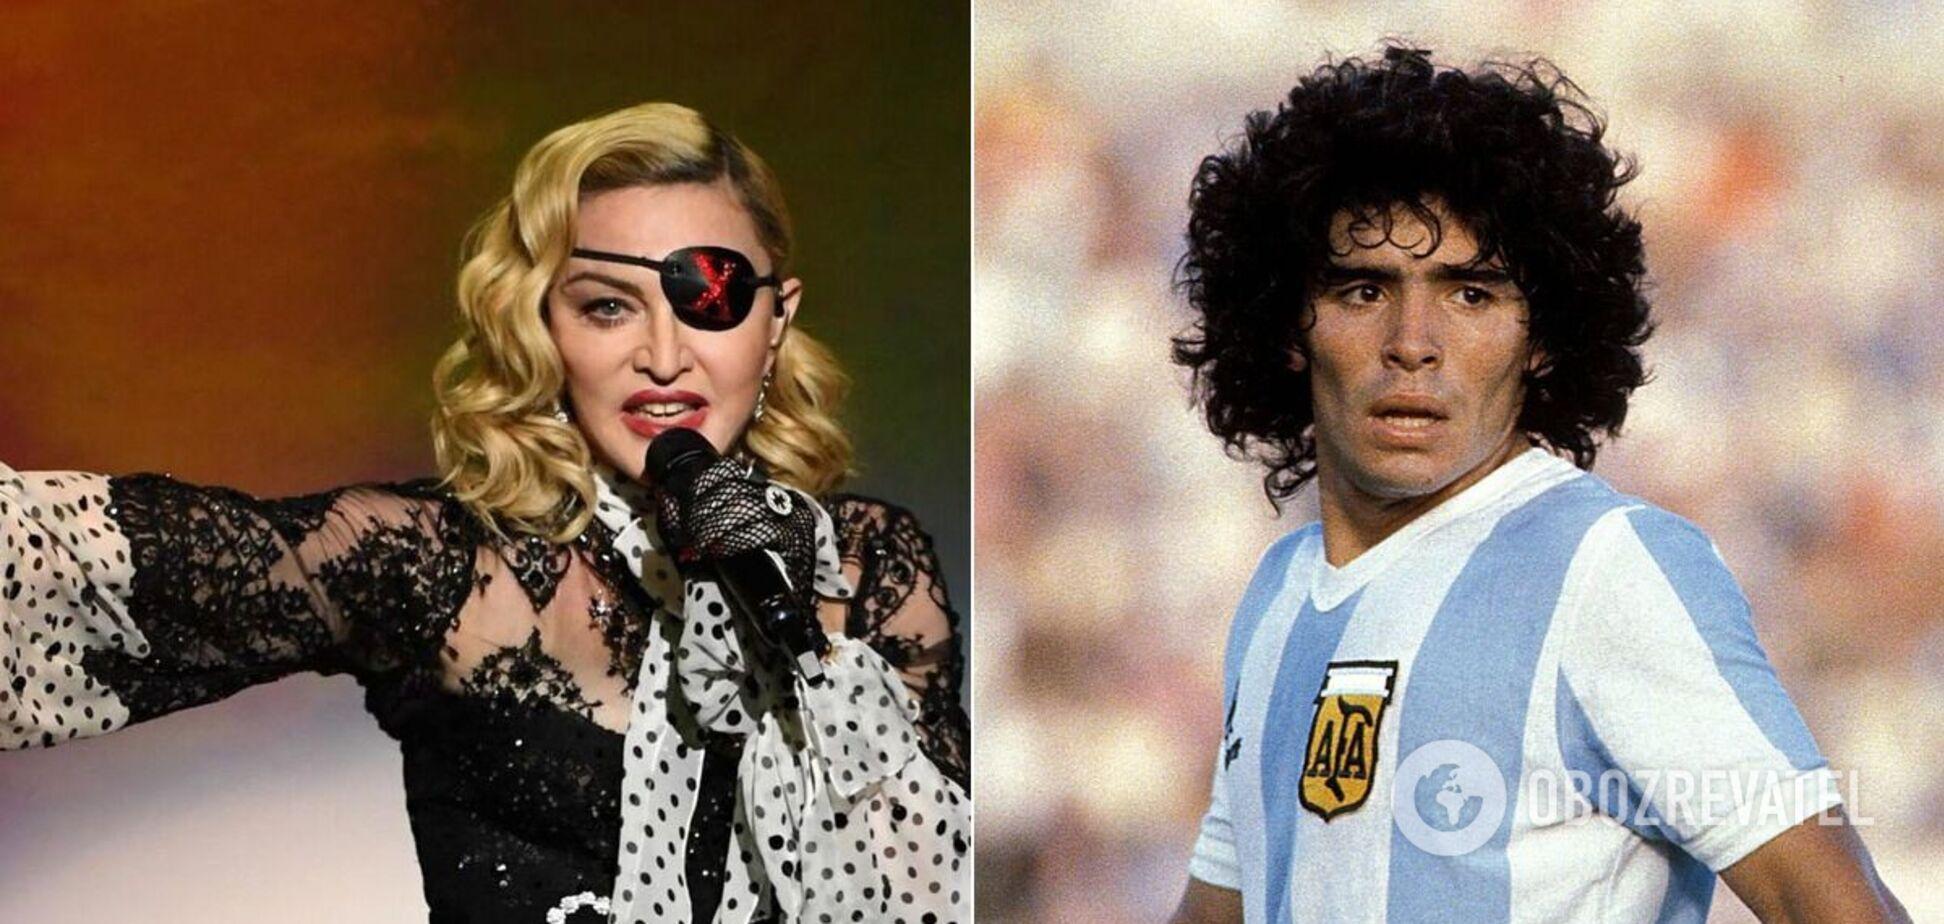 У мережі помилково поховали співачку Мадонну, переплутавши її з відомим футболістом Марадоною